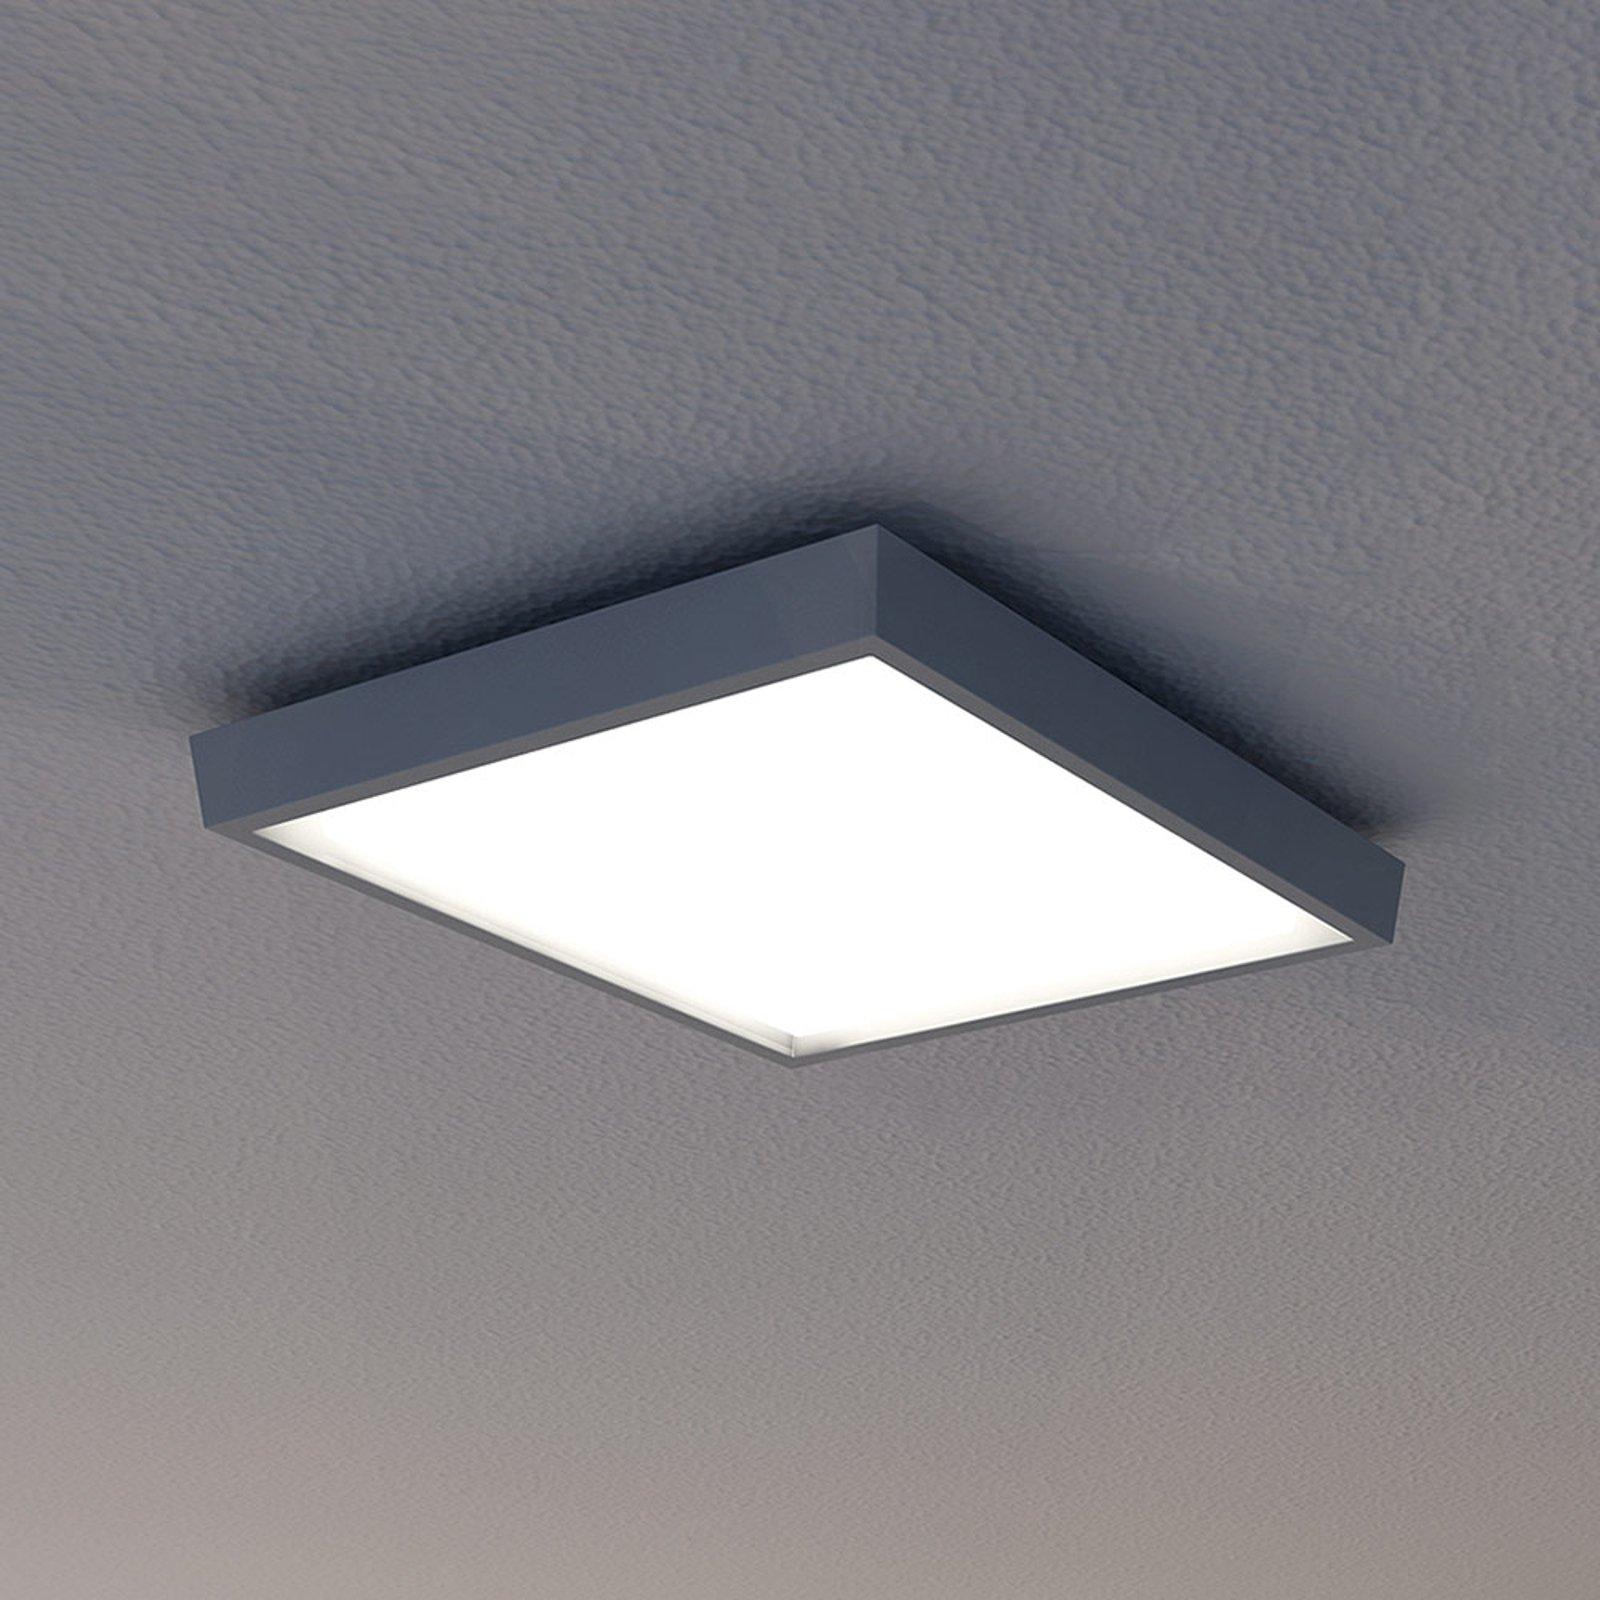 LED utendørs taklampe IP54, antrasitt, 27 x 27 cm